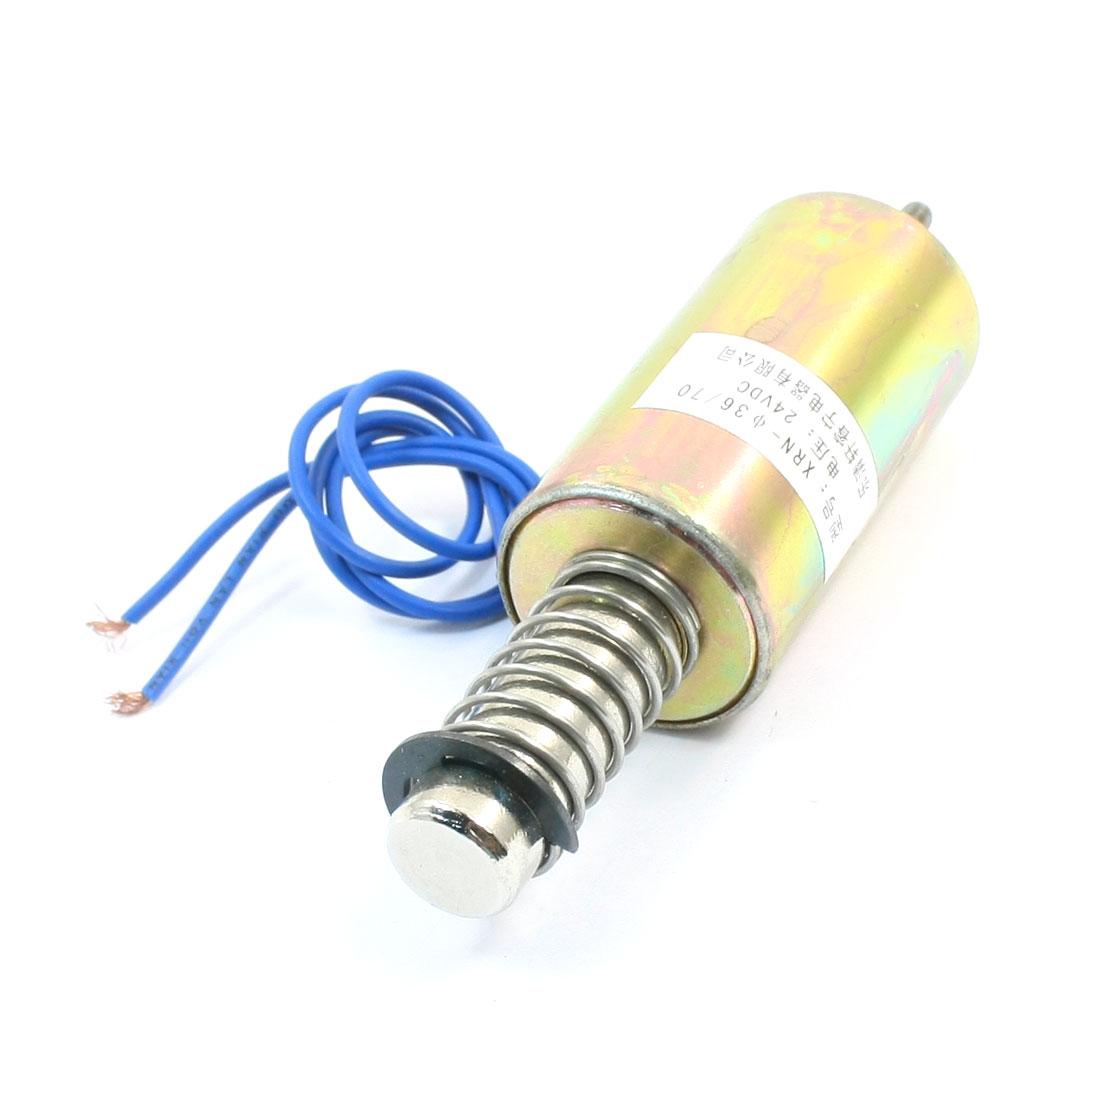 16mm/500g Pull Type Plunger Spring Return Tubular Solenoid Electromagnet 24V